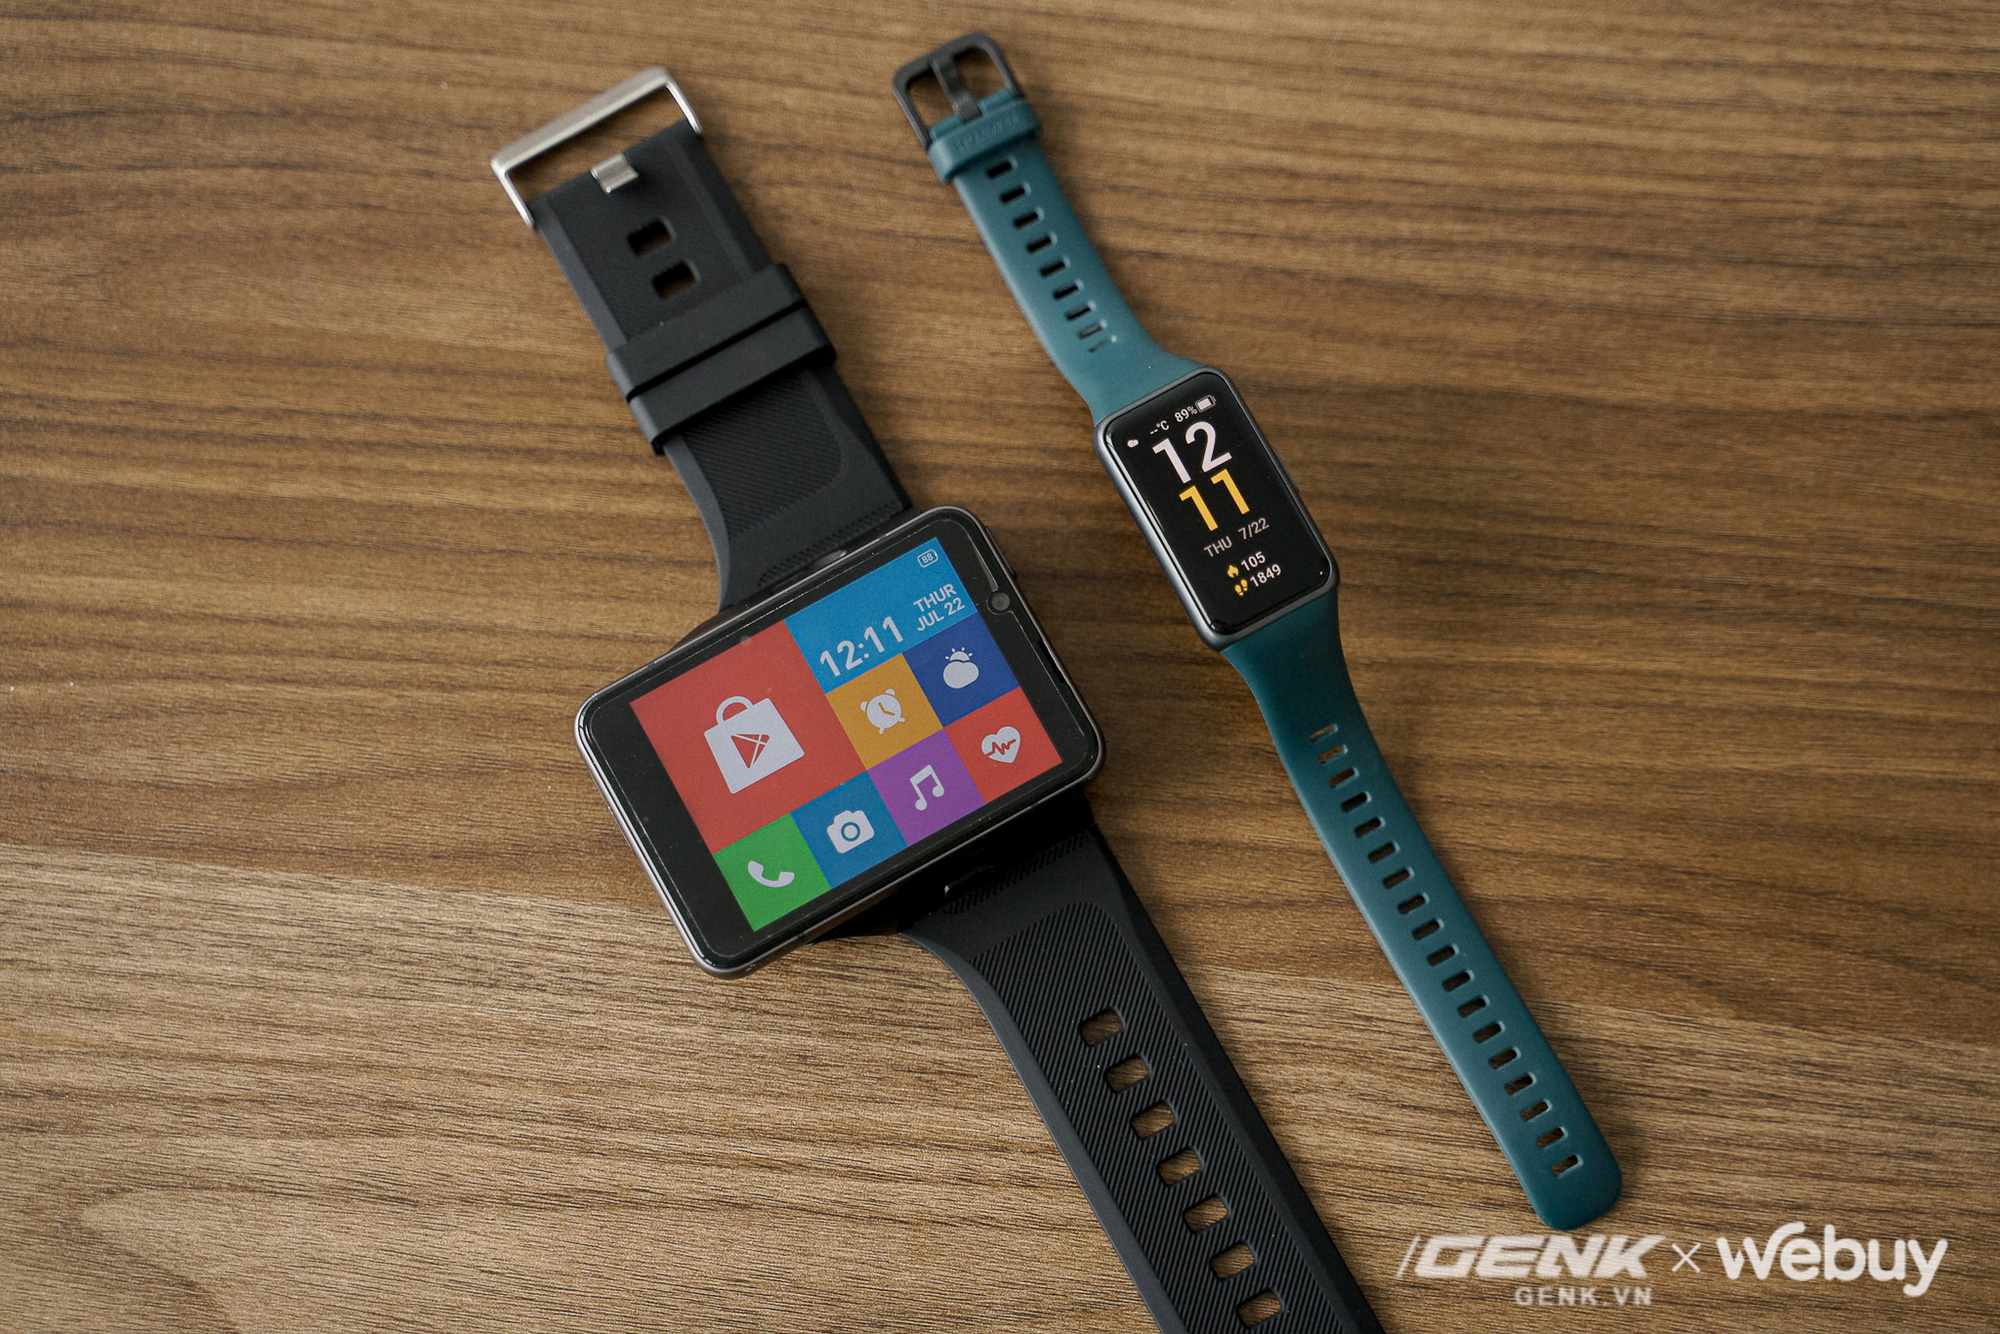 """Trên tay Lokmat Appllp Max: Smartwatch """"siêu to khổng lồ"""" chạy Android, có 4G, cấu hình """"ngon"""", đánh game phà phà - ảnh 1"""